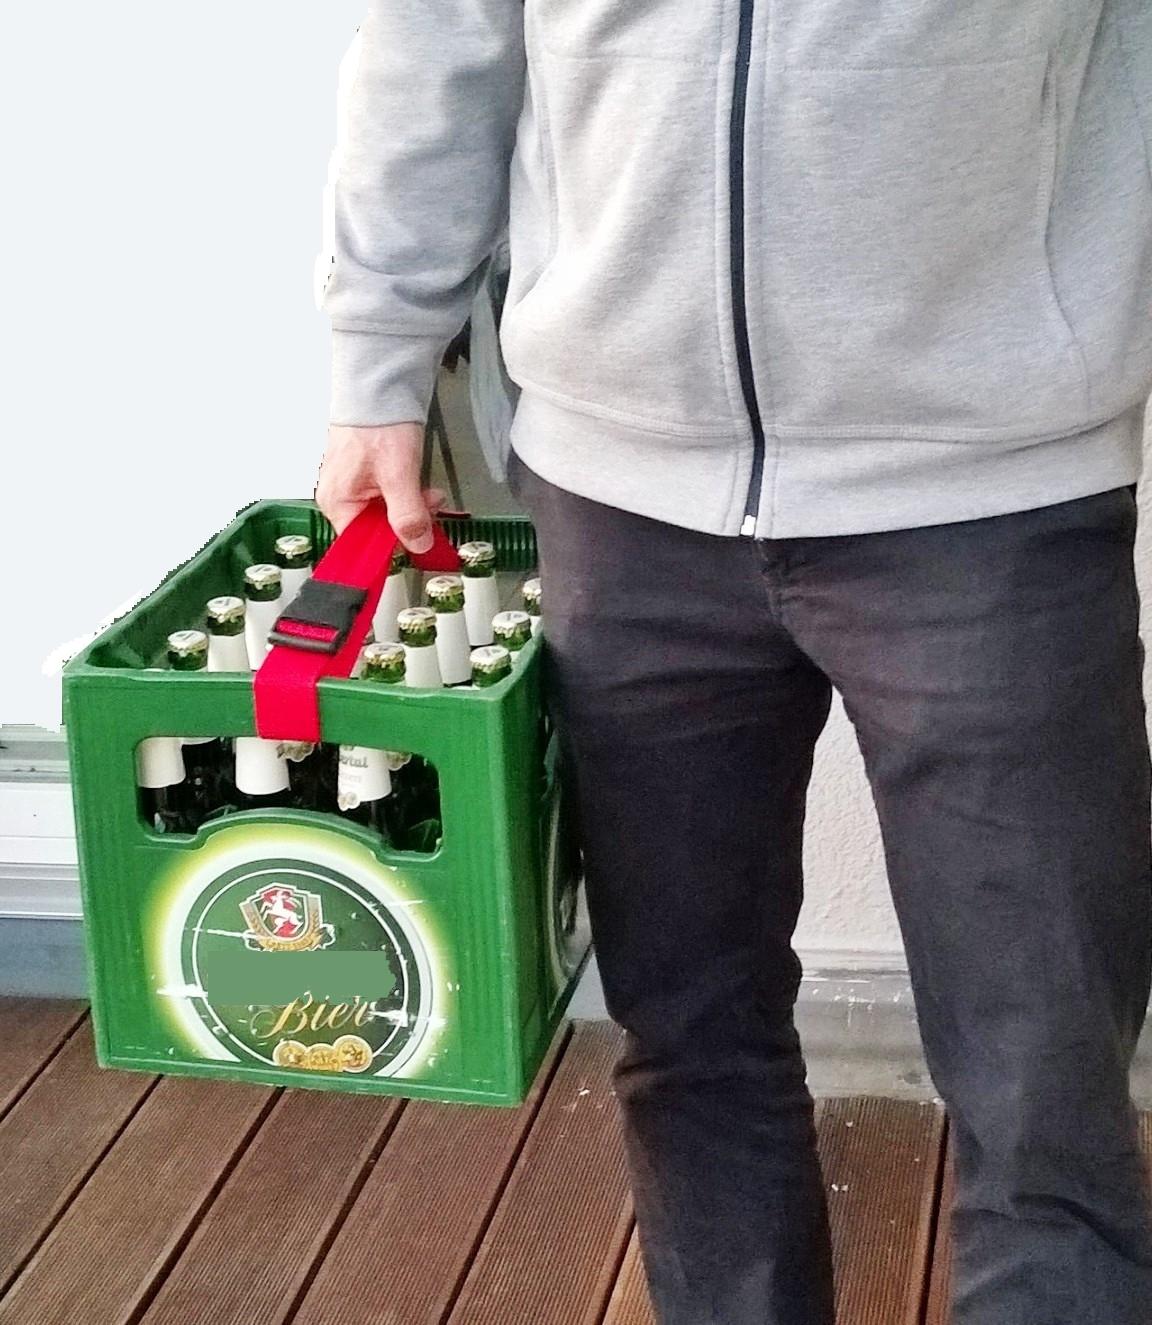 Bier tragen shop bierkiste bierkasten geburtstagsgeschenk for Weihnachtsgeschenk fa r freund selbst gemacht